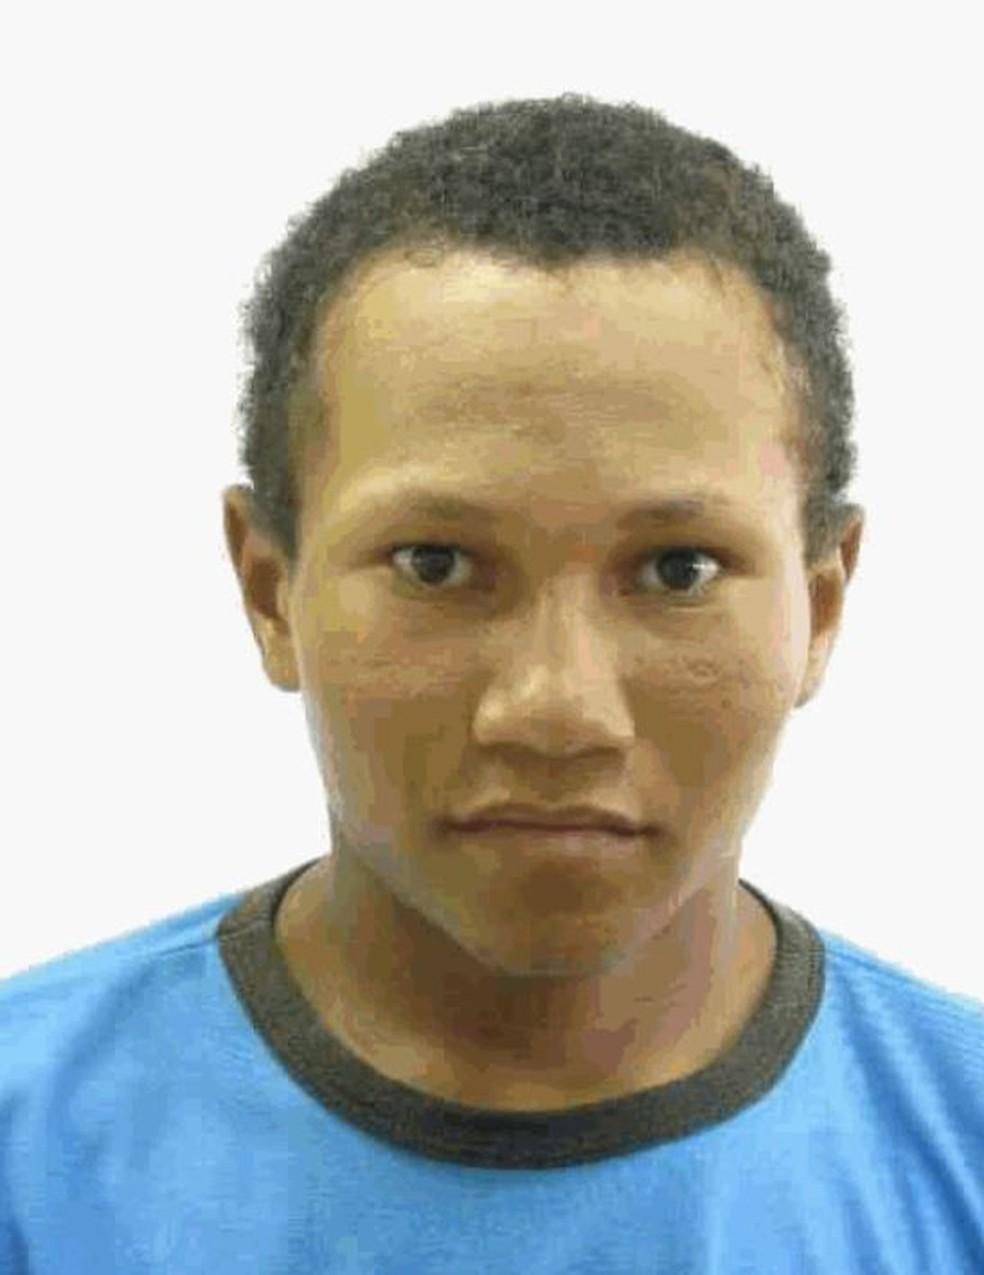 Elison Santos, de 19 anos, foi linchado após ser retirado da delegacia por populares  — Foto: Arquivo pessoal